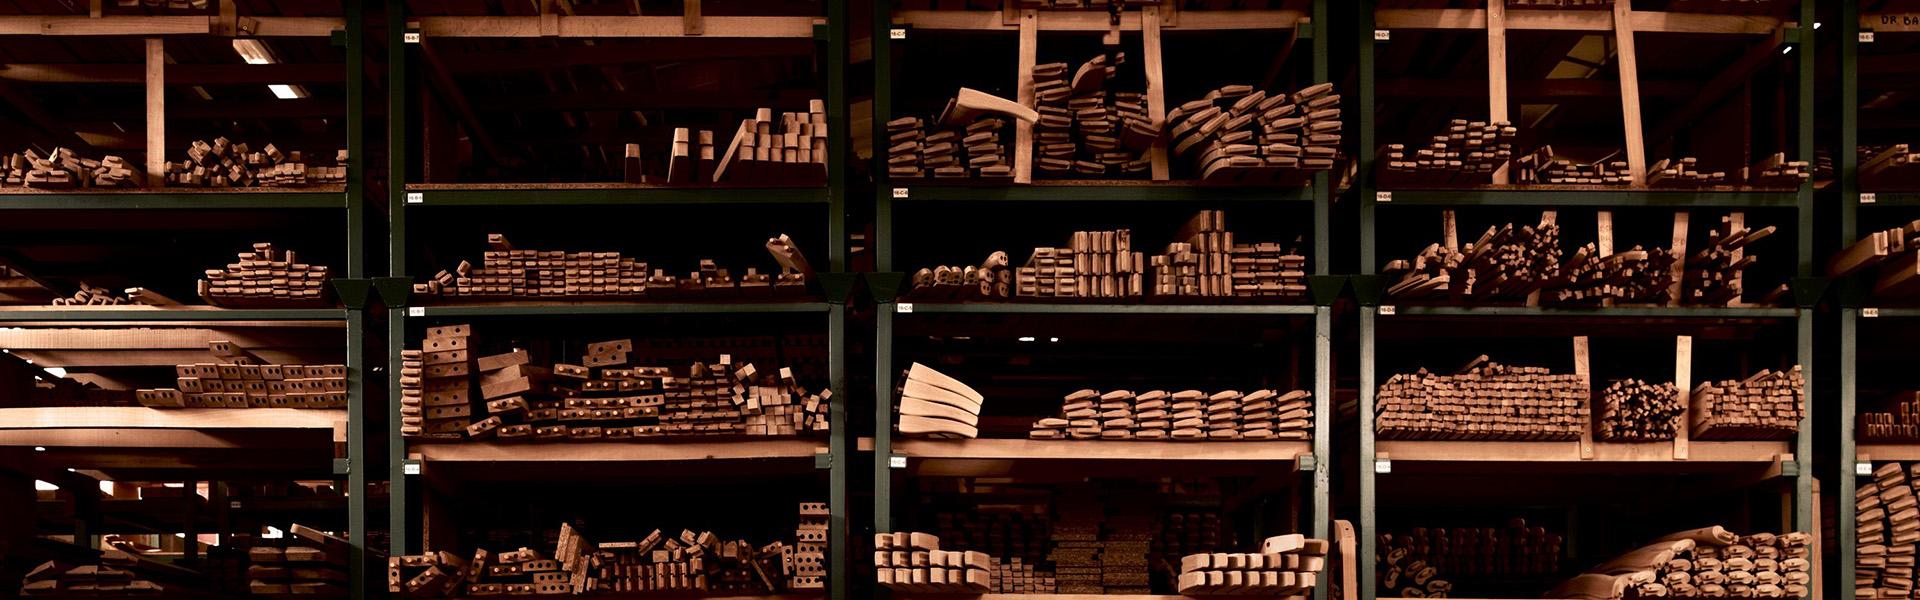 Sièges Bastiat - L'atelier - Fabrication Française © MITO.EUS